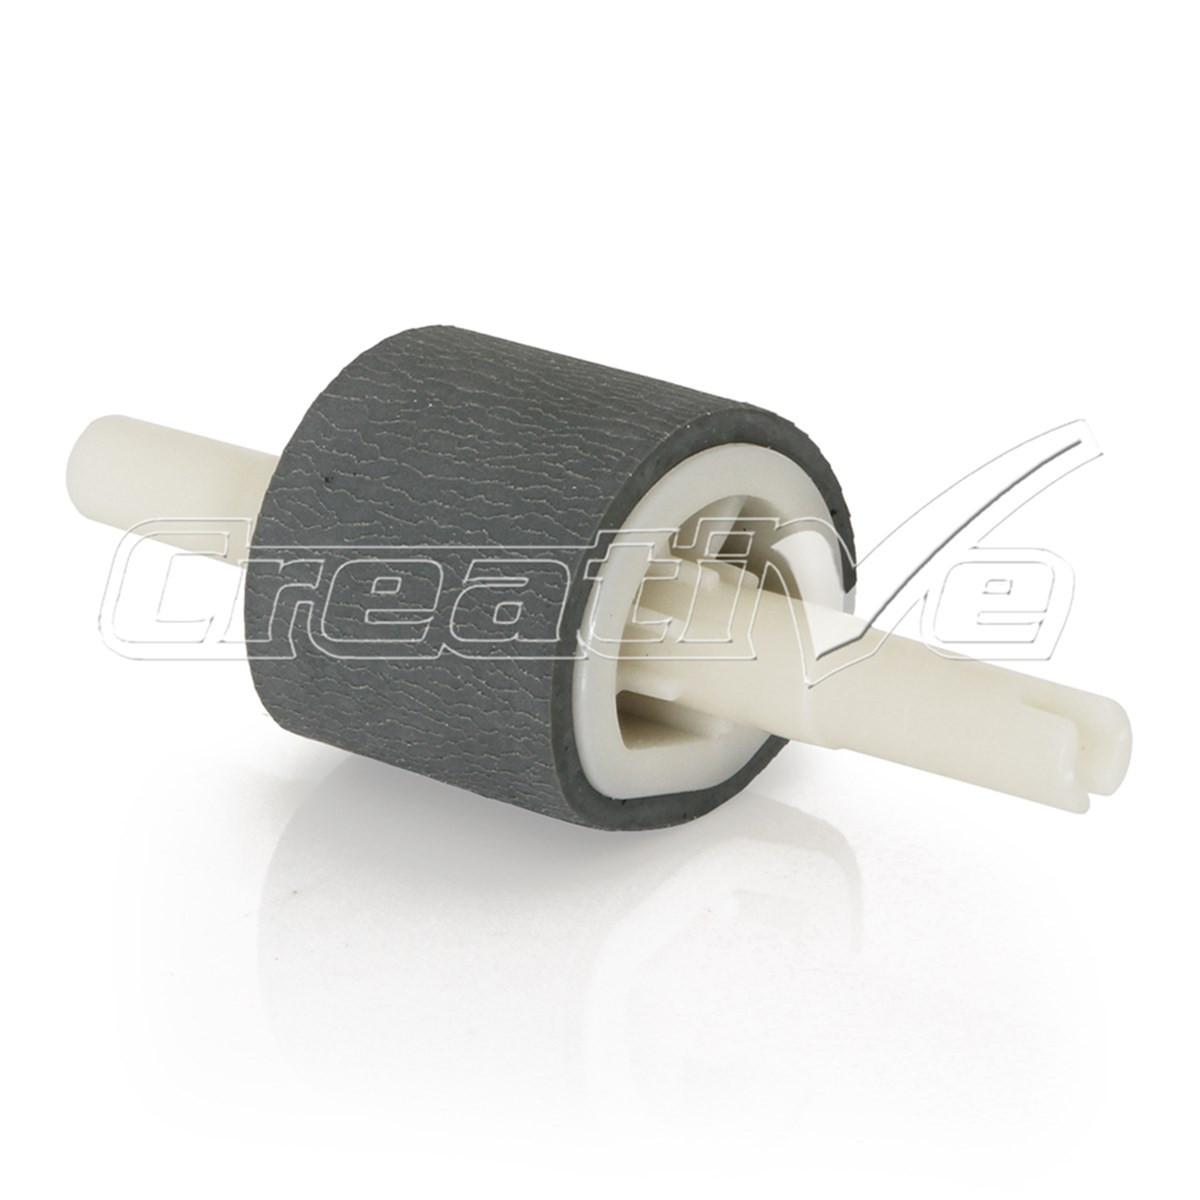 Rolete de Entrada HP P2420 P2015 | Bandeja 02 | Pickup Roller | RL1-0540-000 | Compatível